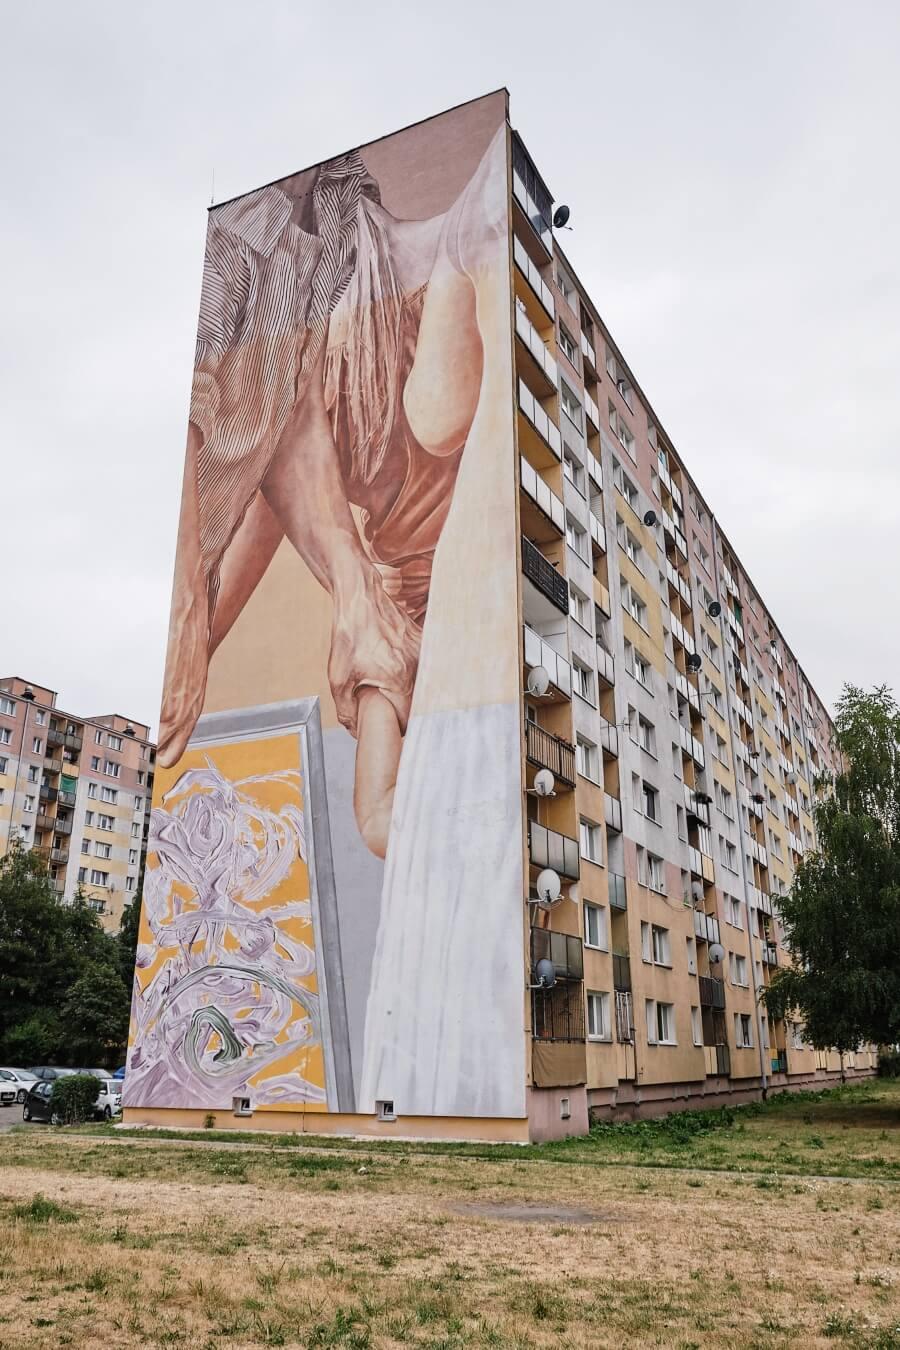 Nuevos murales en Lodz